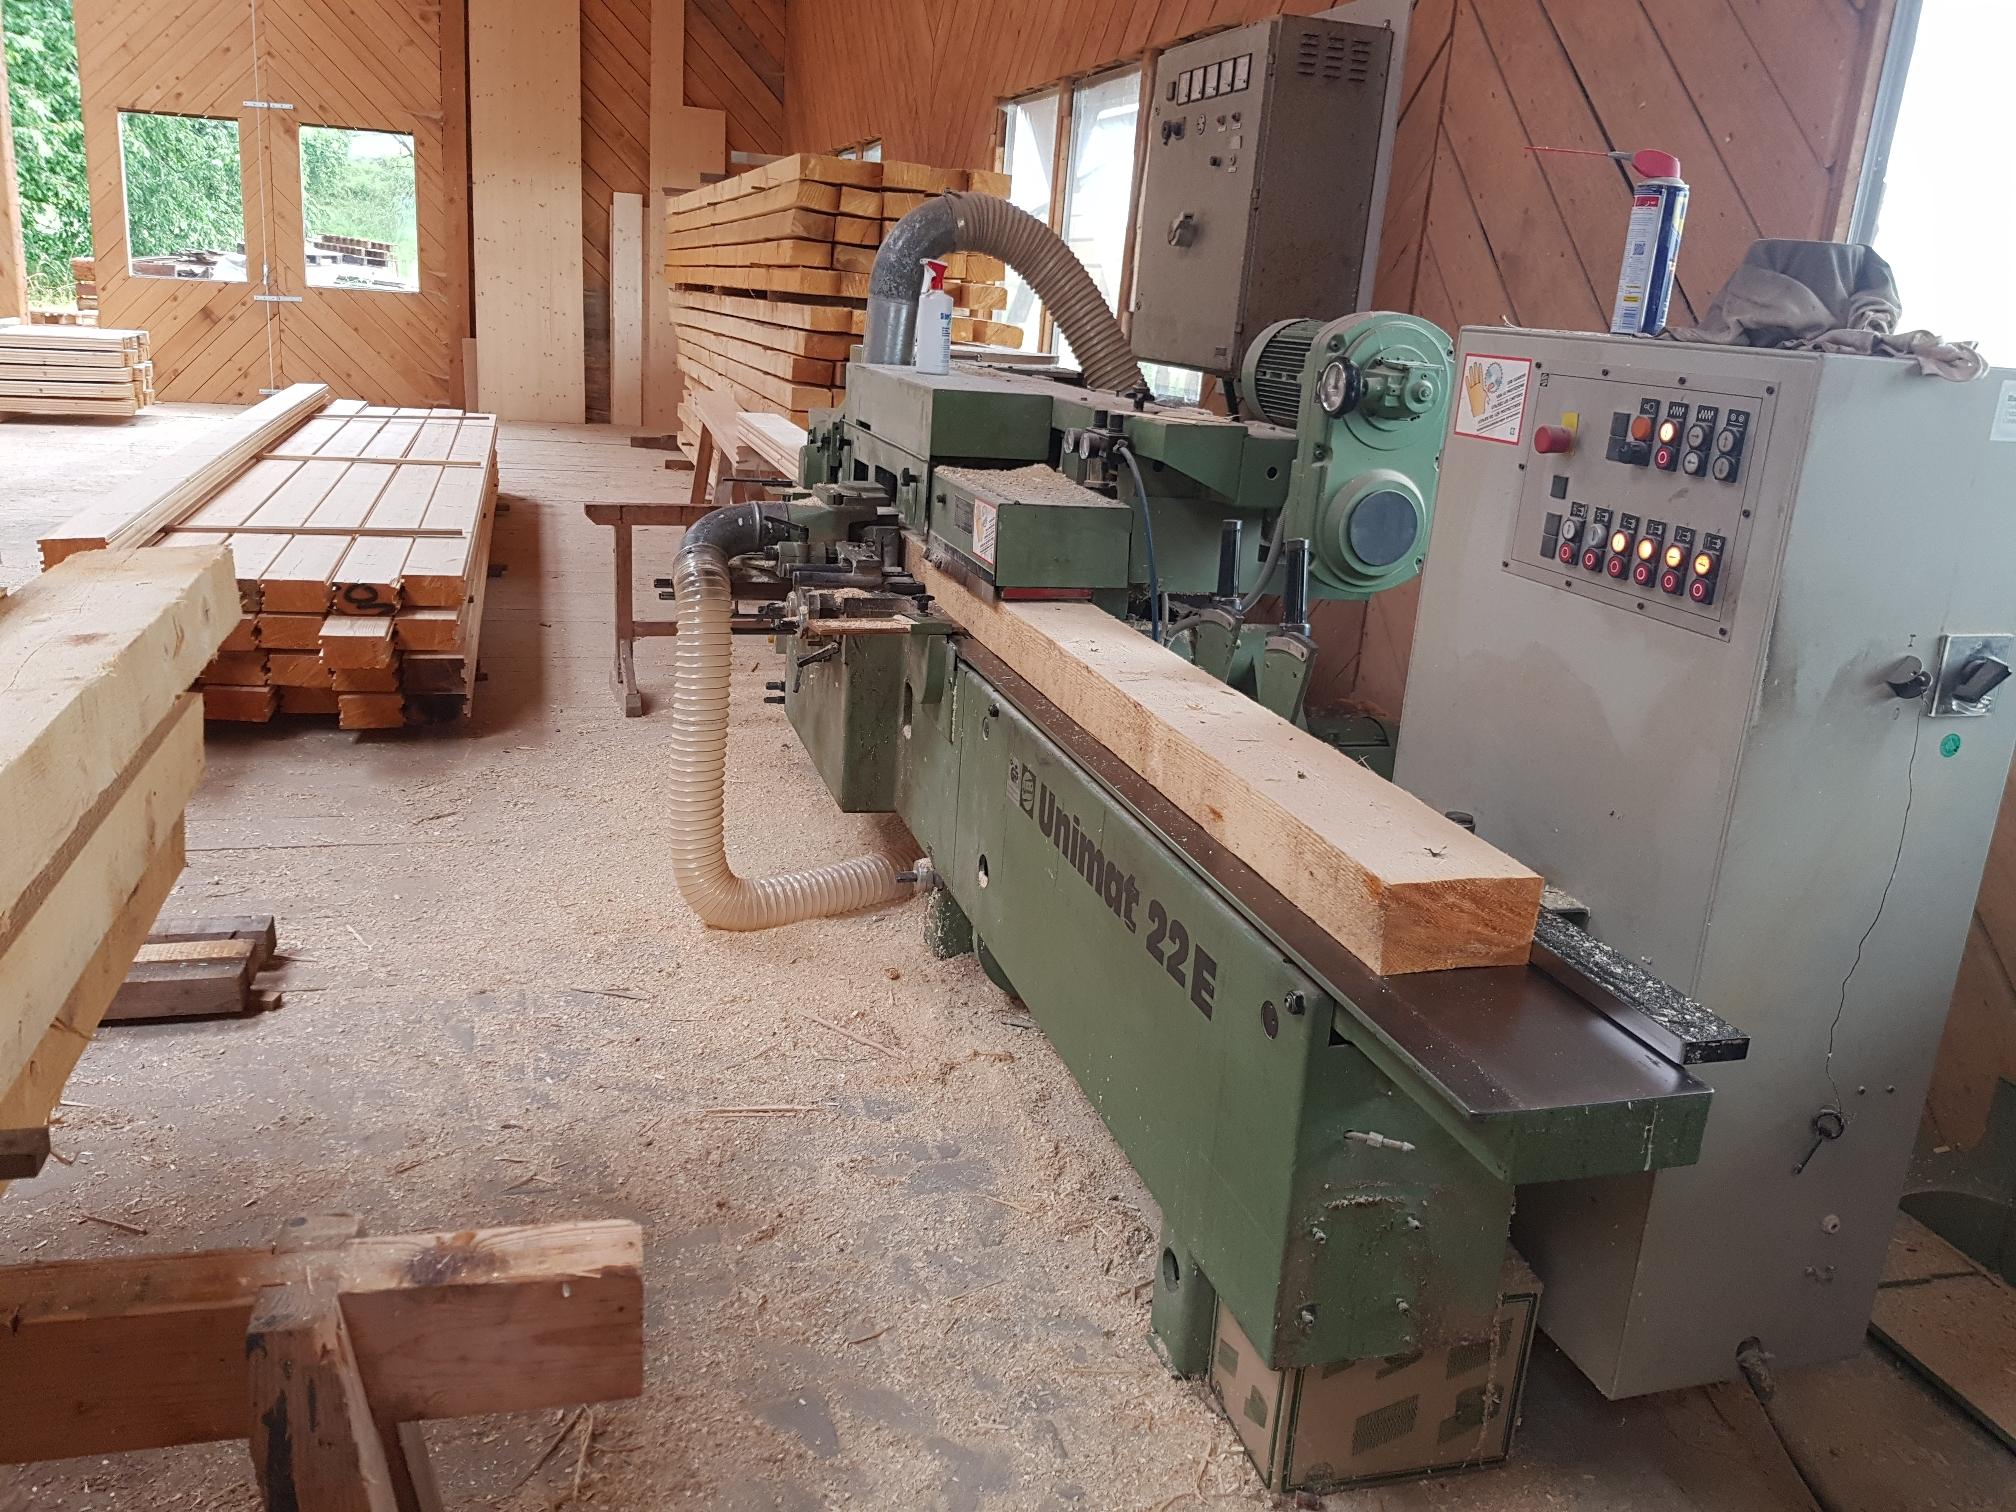 Aus rund wird eckig – Holztrocknung, Holzbearbeitung und Erdarbeiten